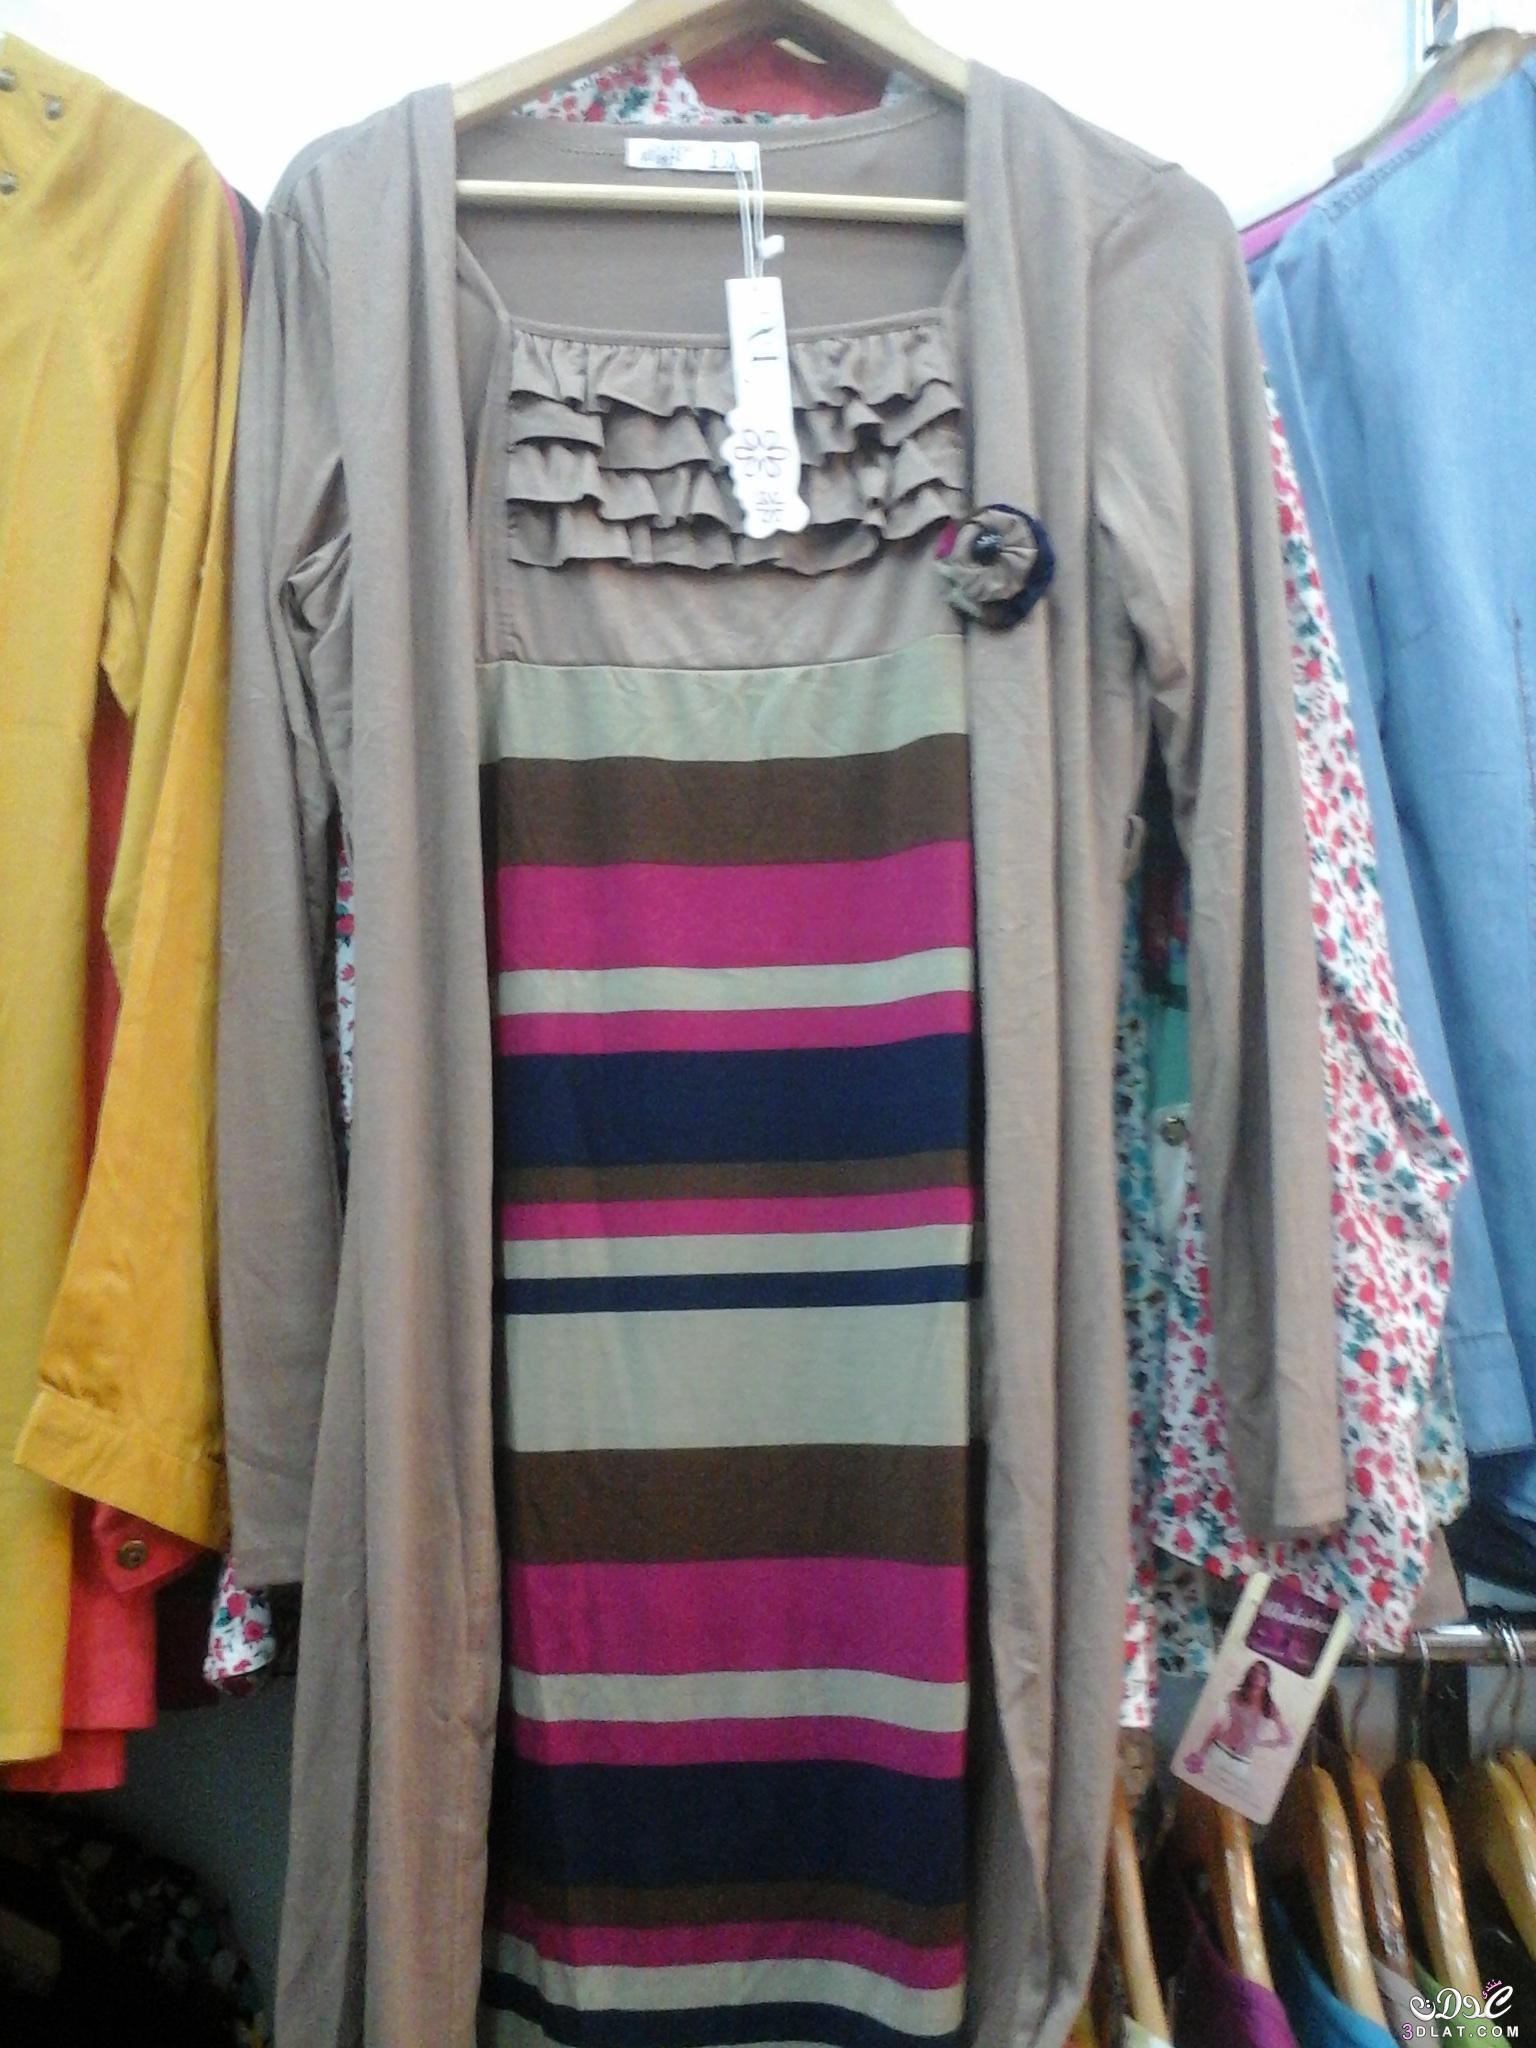 ملابس محجبات من تصويرى2015 ملابس محجبات صيف2016 ملابس محجبات من تصويرى 3dlat.net_13_15_4f3e